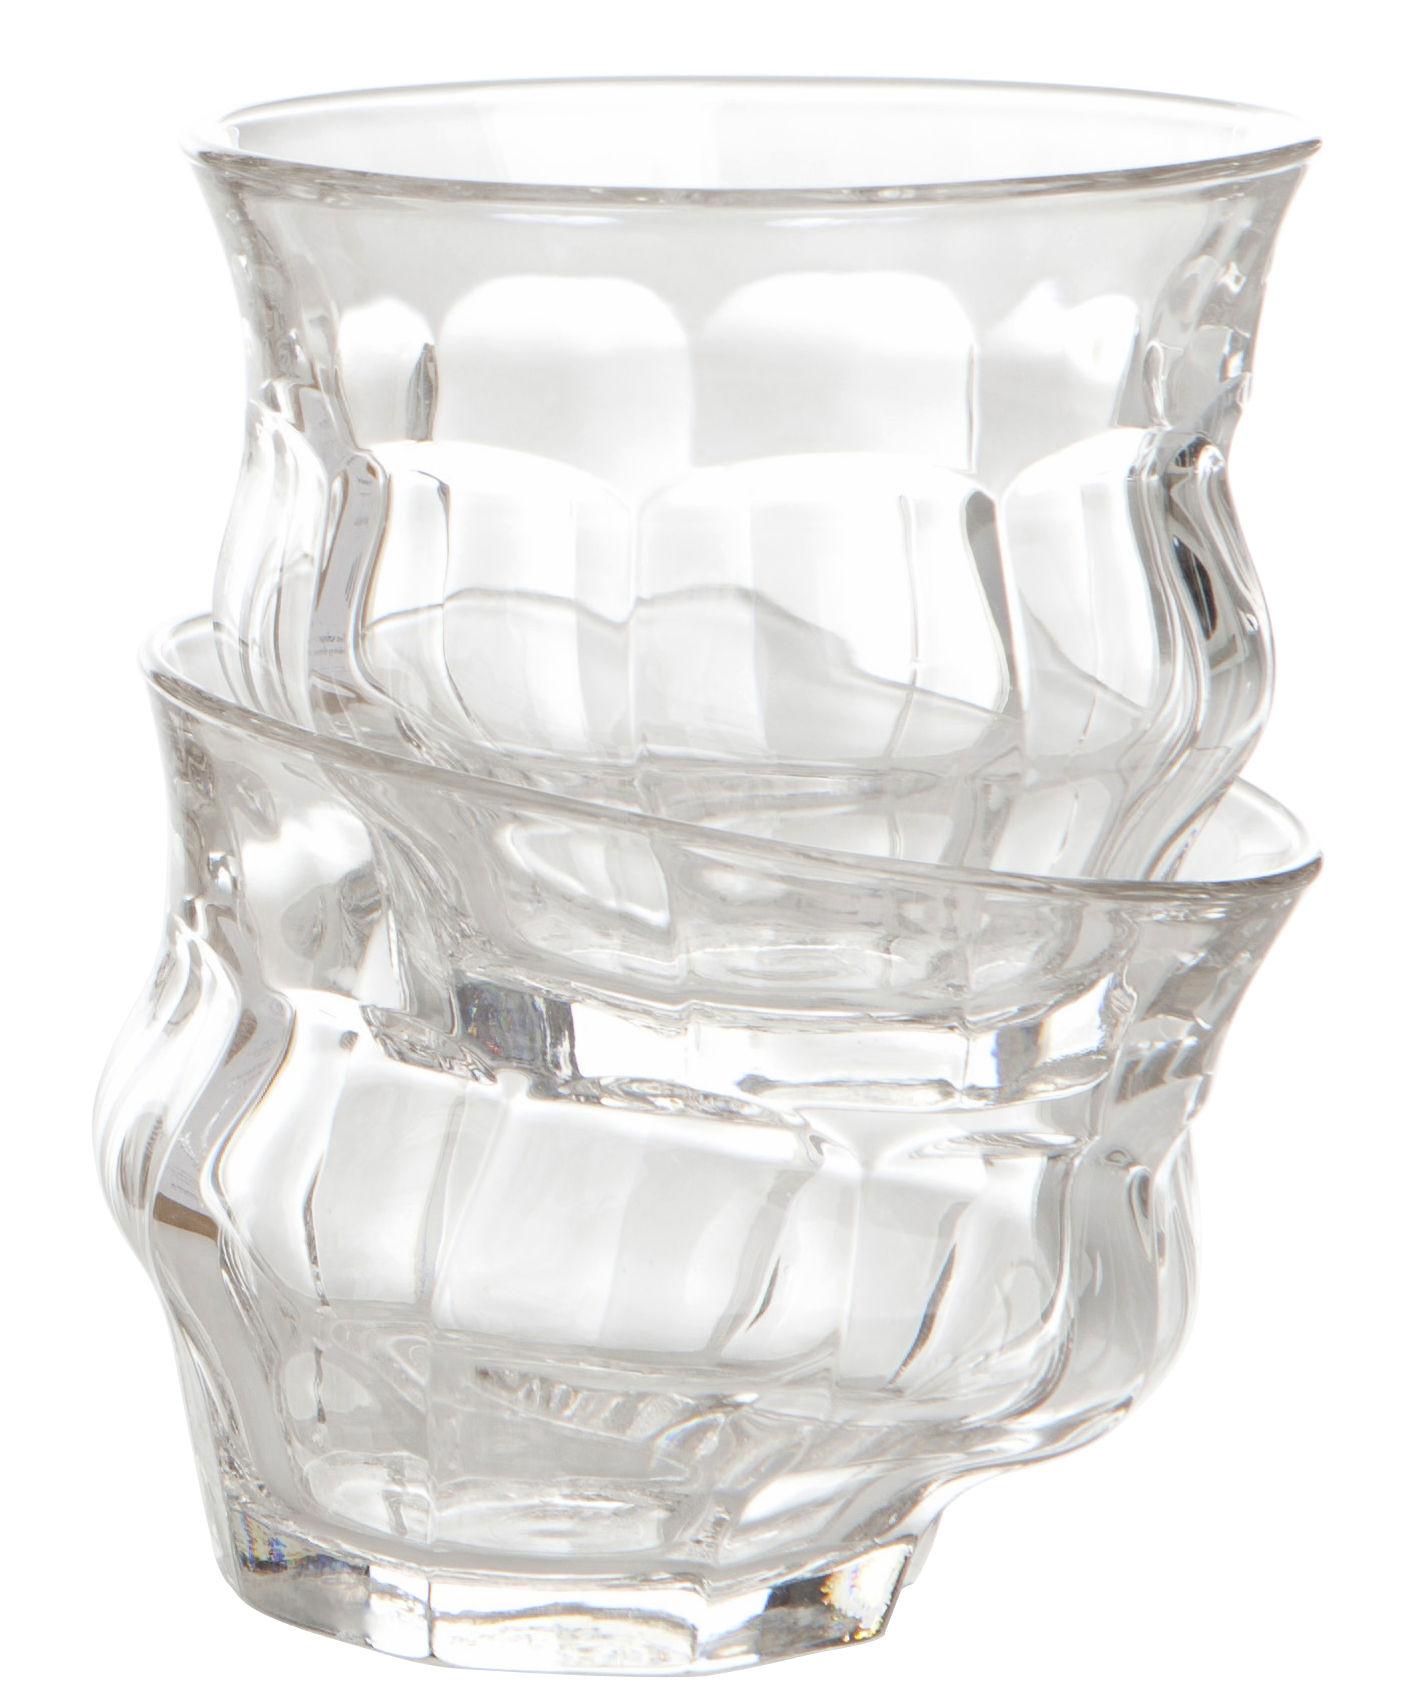 Arts de la table - Verres  - Verre Tipsy / Autour de Duralex© - Set de 2 - Loris&Livia - Pop Corn - Set de 2 - Transparent - Verre